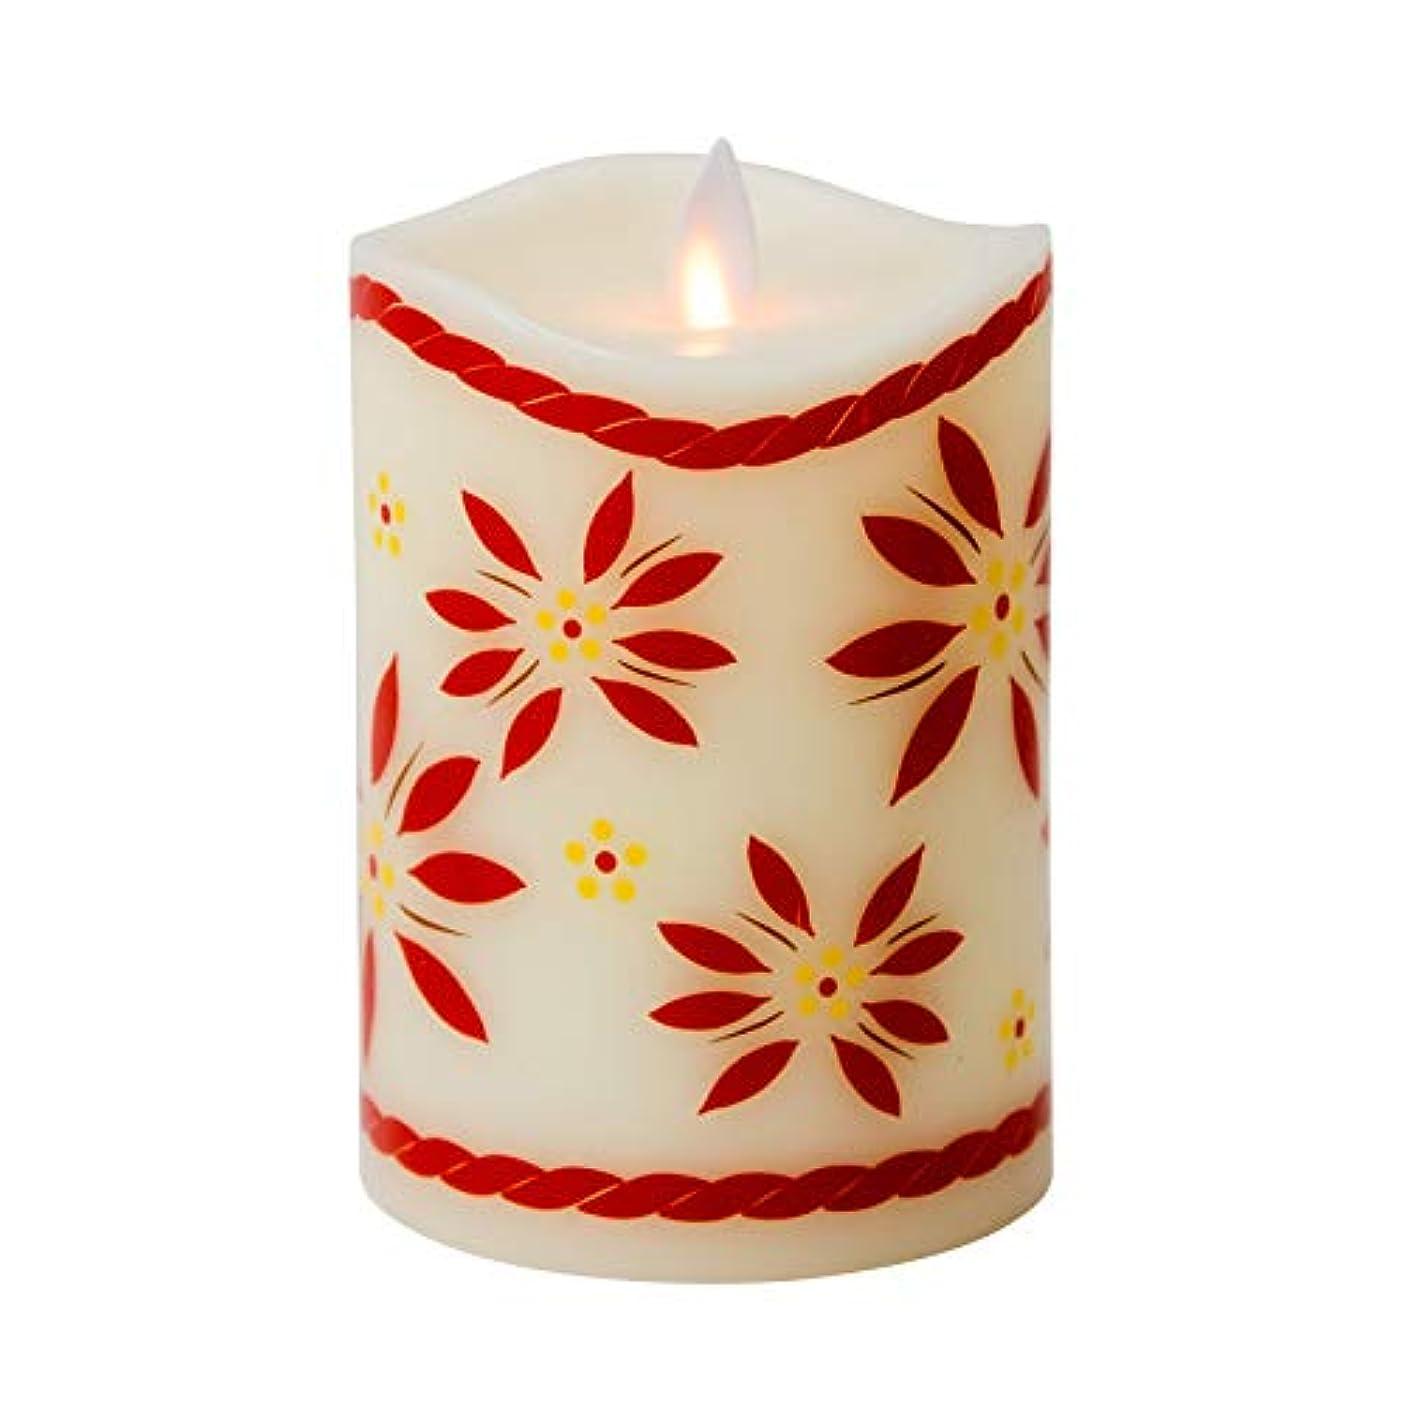 効果的に誕生ウナギBoston Warehouse temp-tations by Tara Mystiqueパラフィンワックス5インチOld World Flameless Pillar Candle レッド 40441